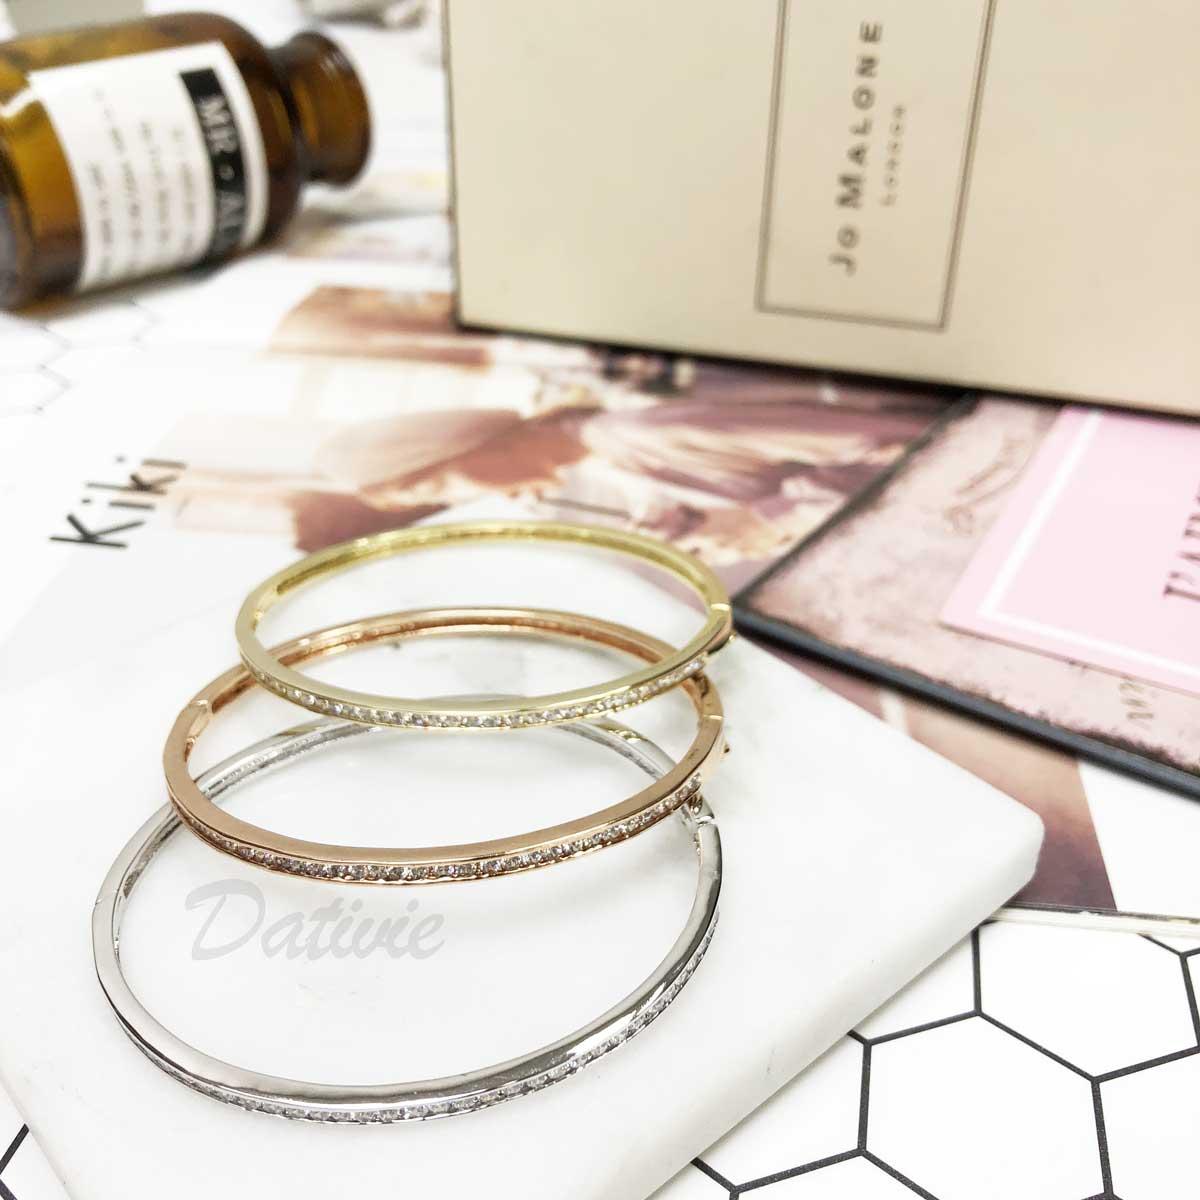 簡單 水鑽 玫瑰金 簡約 小 排鑽 素雅 氣質款 手環 手飾